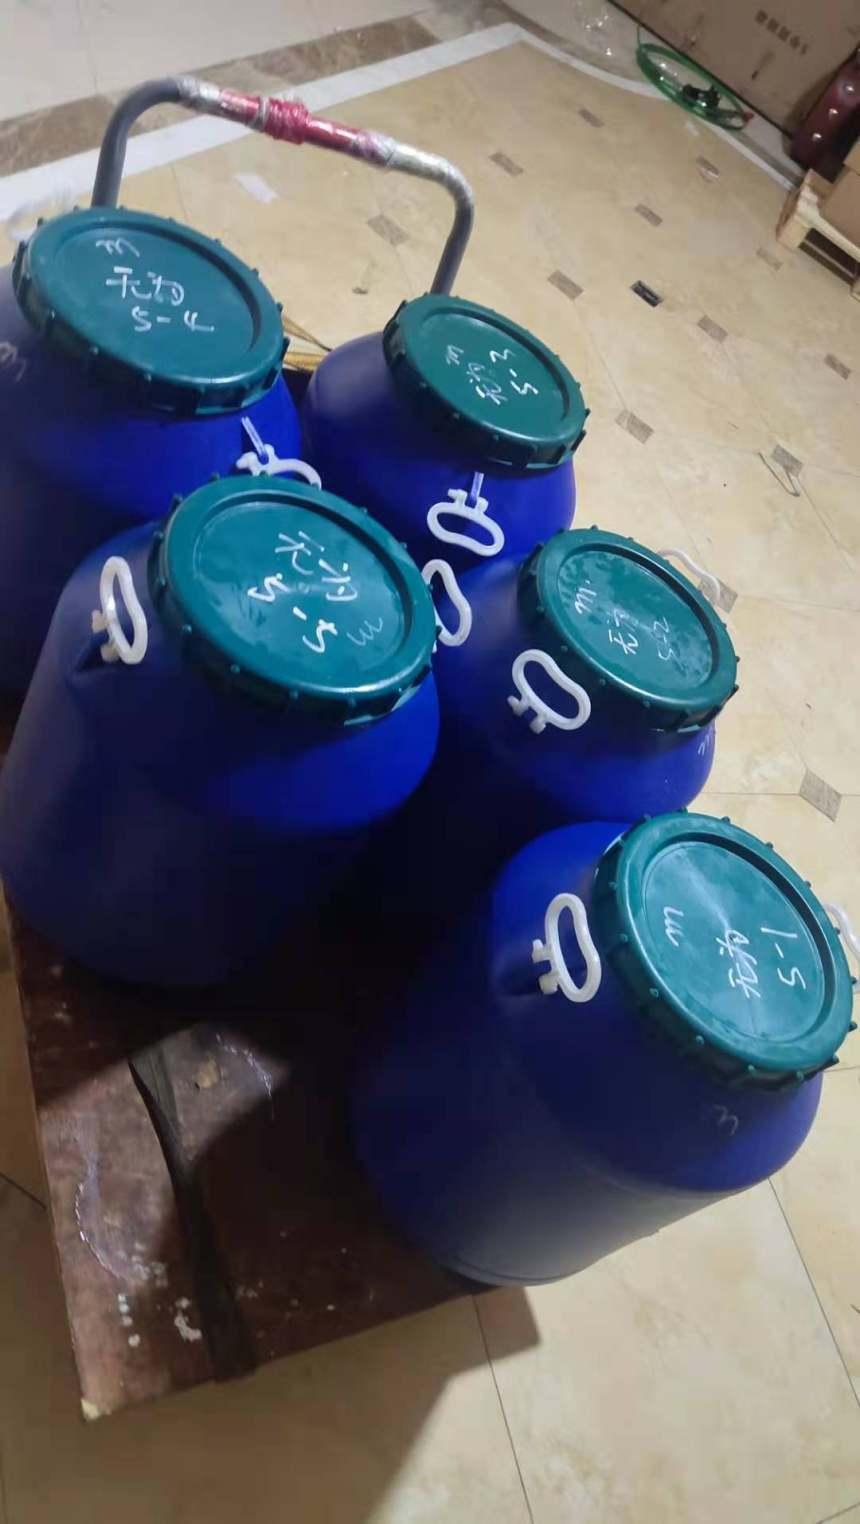 湖南省長沙市掃把絲硅油好脫模廠家直銷